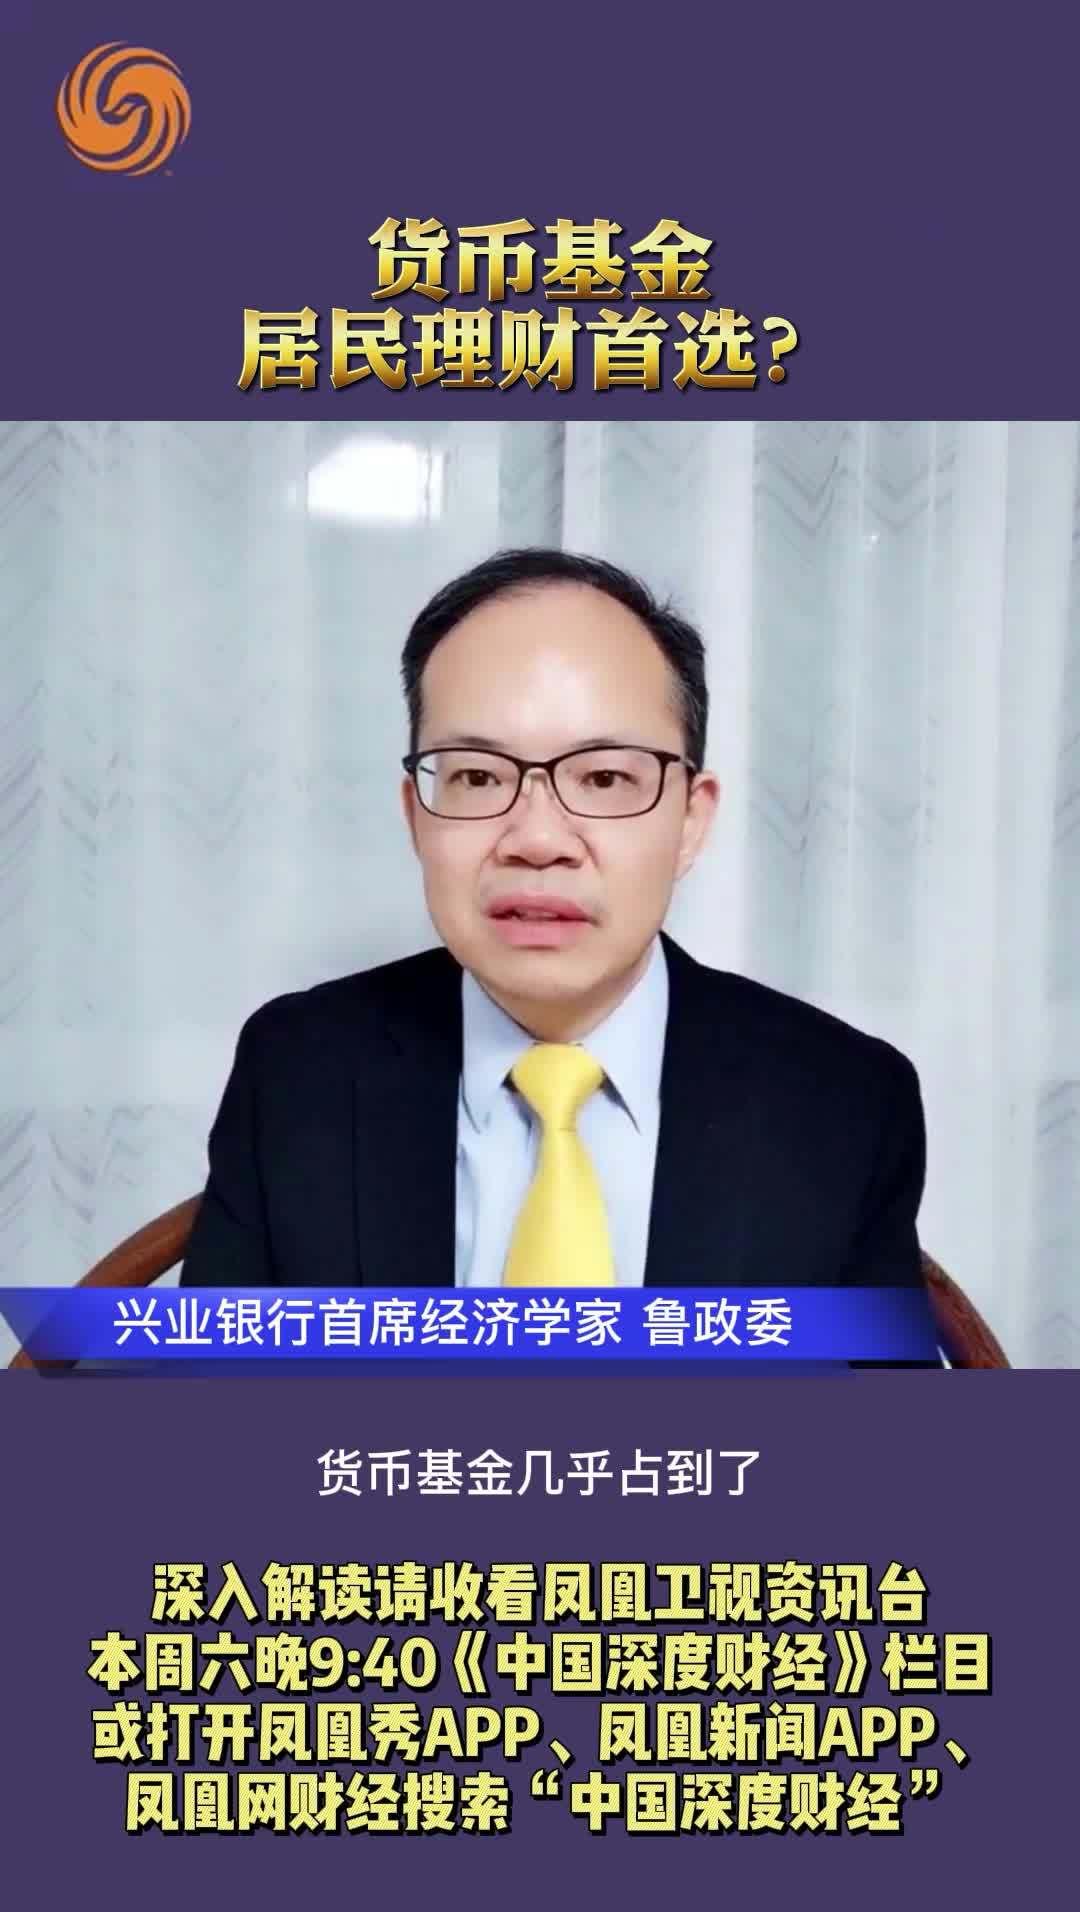 鲁政委:货币基金 居民理财首选?